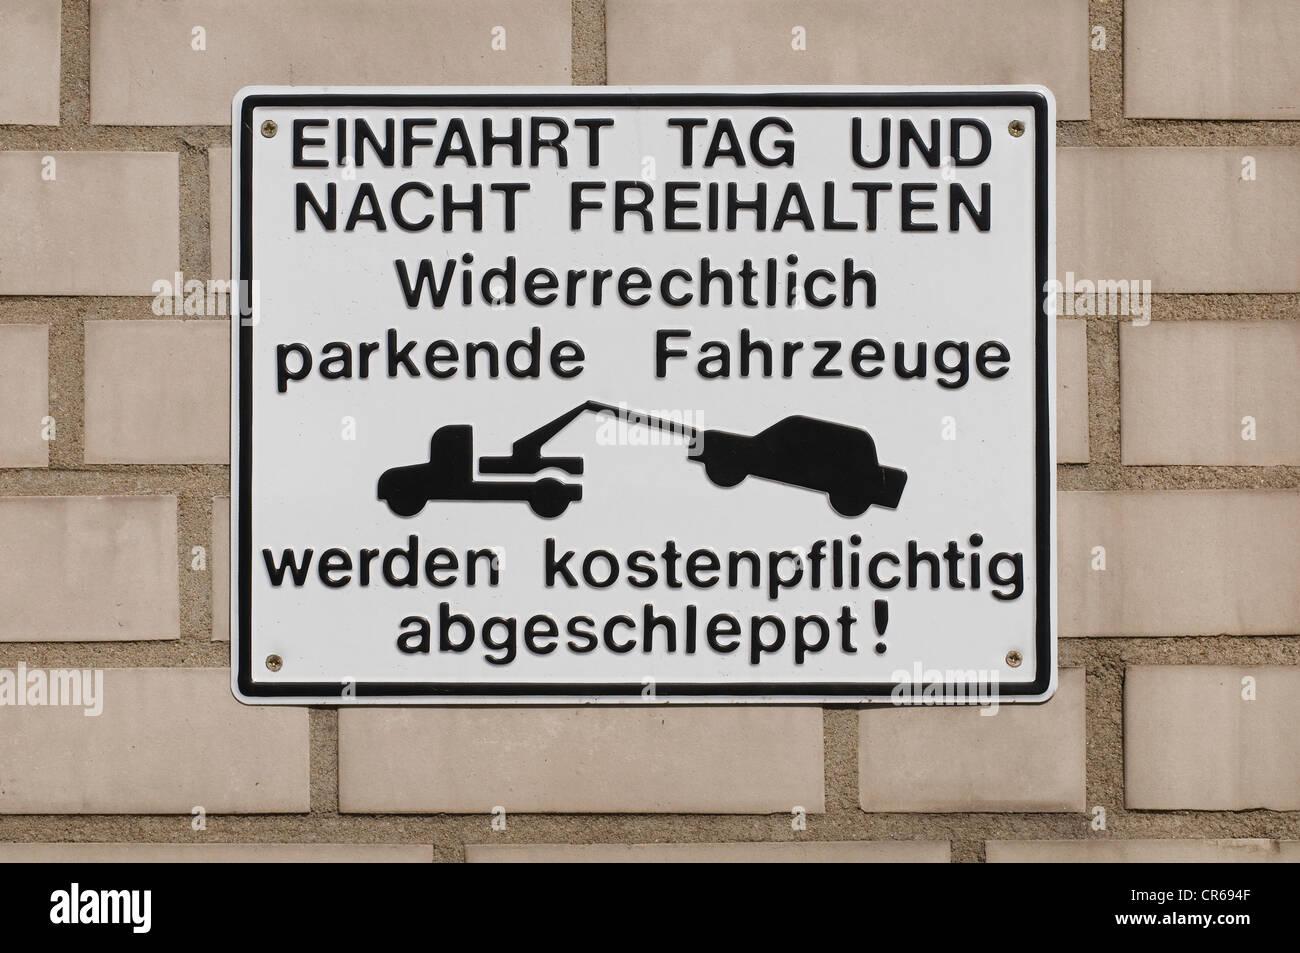 """Cantar en pared con camión de remolque, el pictograma """"Tag und Nacht freihalten Einfahrt, widerrechtlich geparkte Foto de stock"""